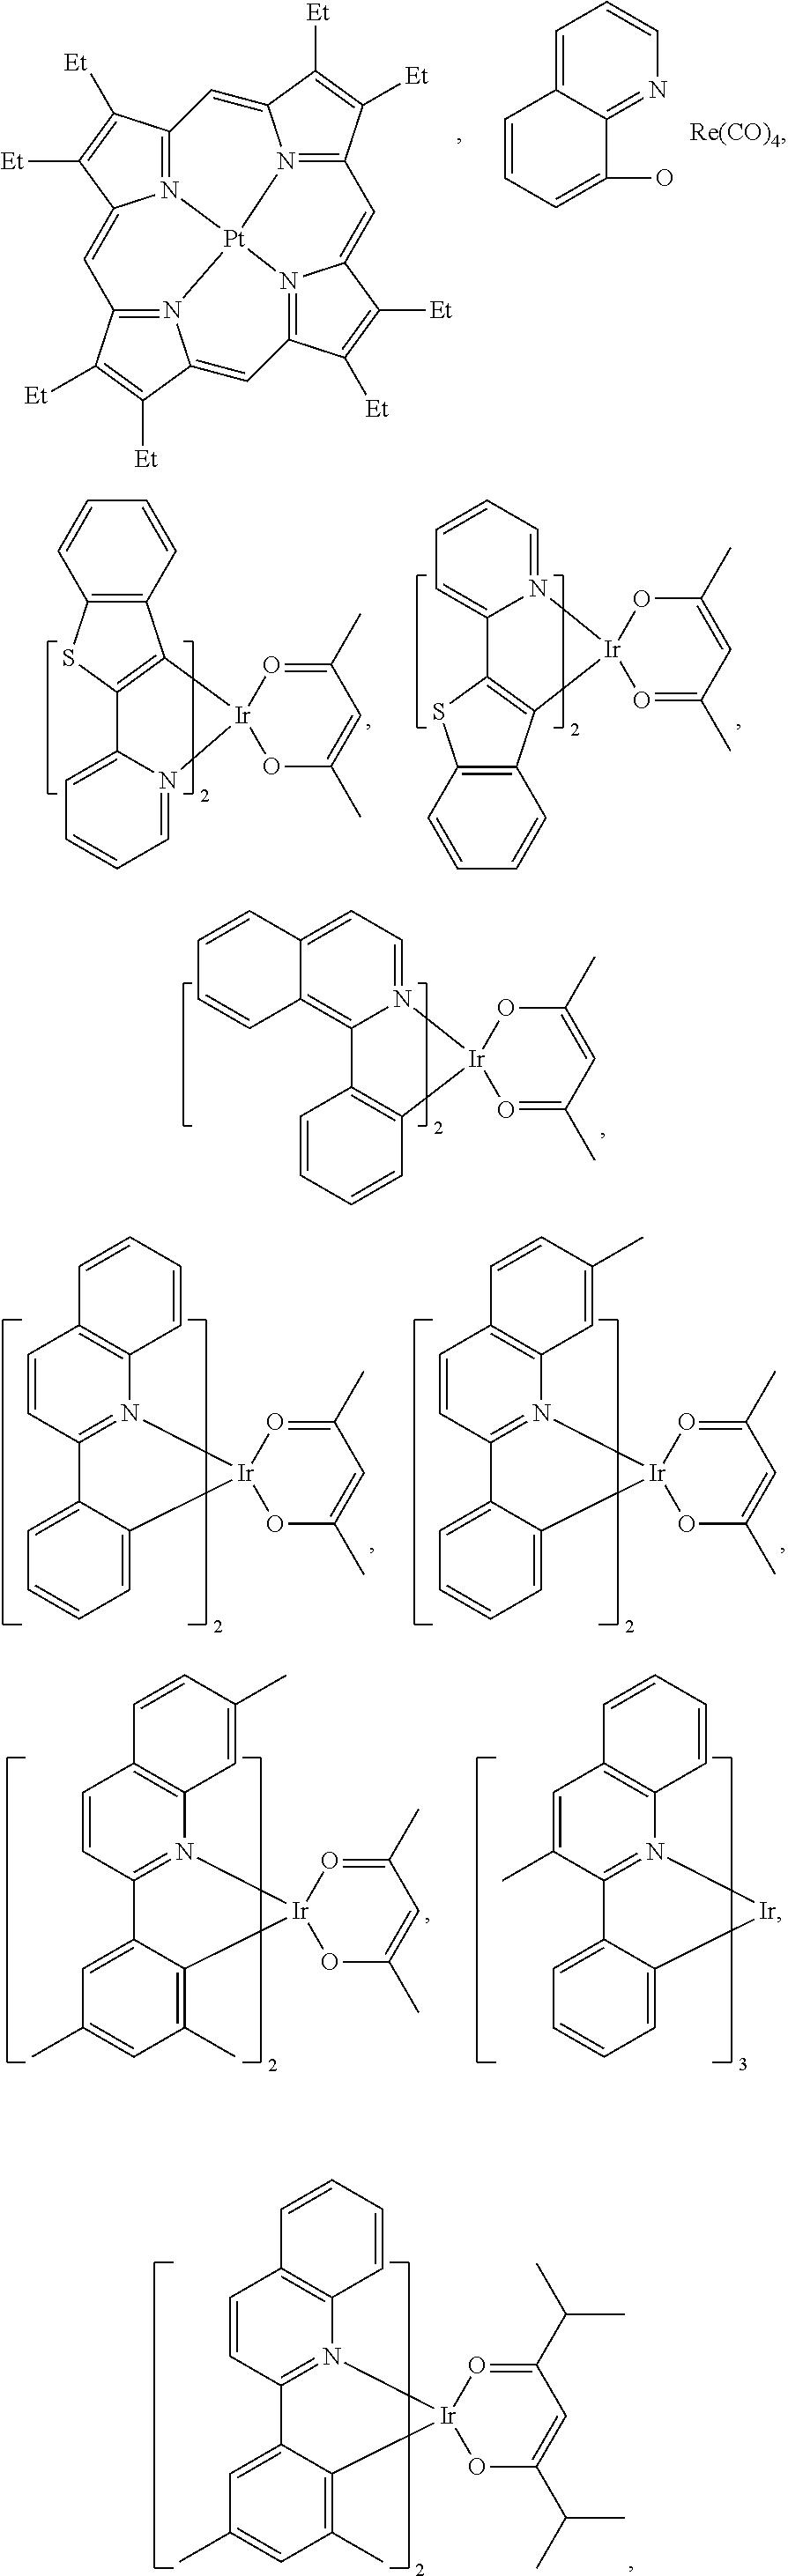 Figure US20170033295A1-20170202-C00131